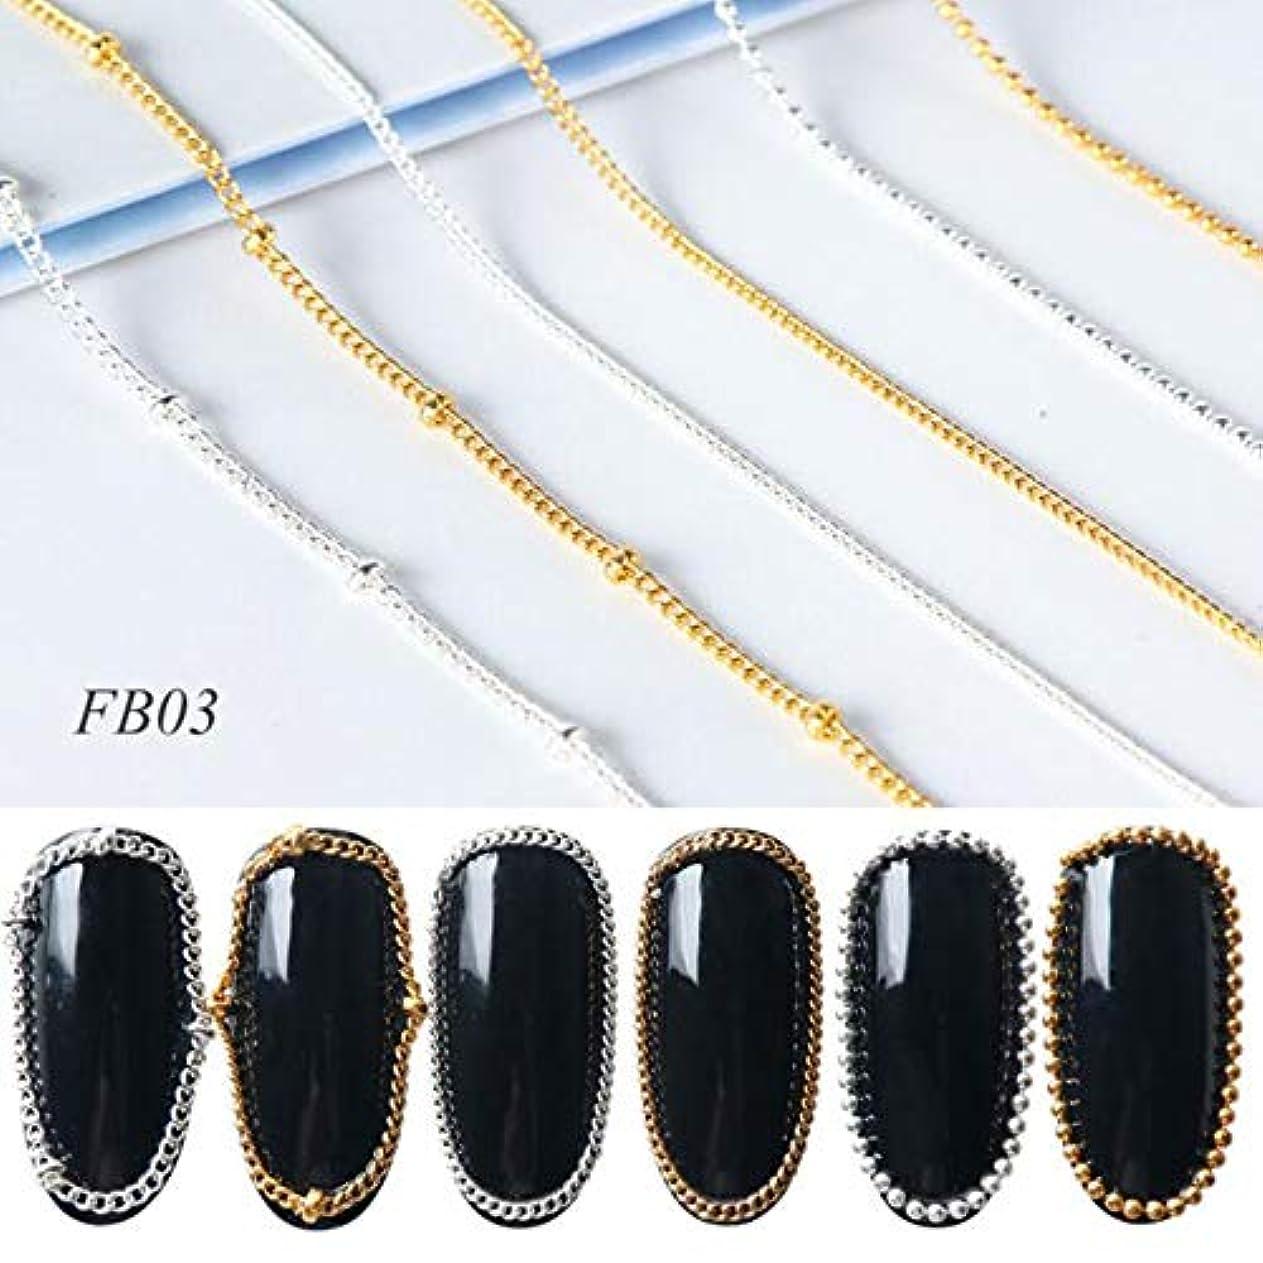 枝モンスターに話す6PCSラインストーンのために釘リンクチェーンネイルアートゴールド合金ラインストーンの装飾3Dダイヤモンドストーンチャームジュエリーアクセサリー,3